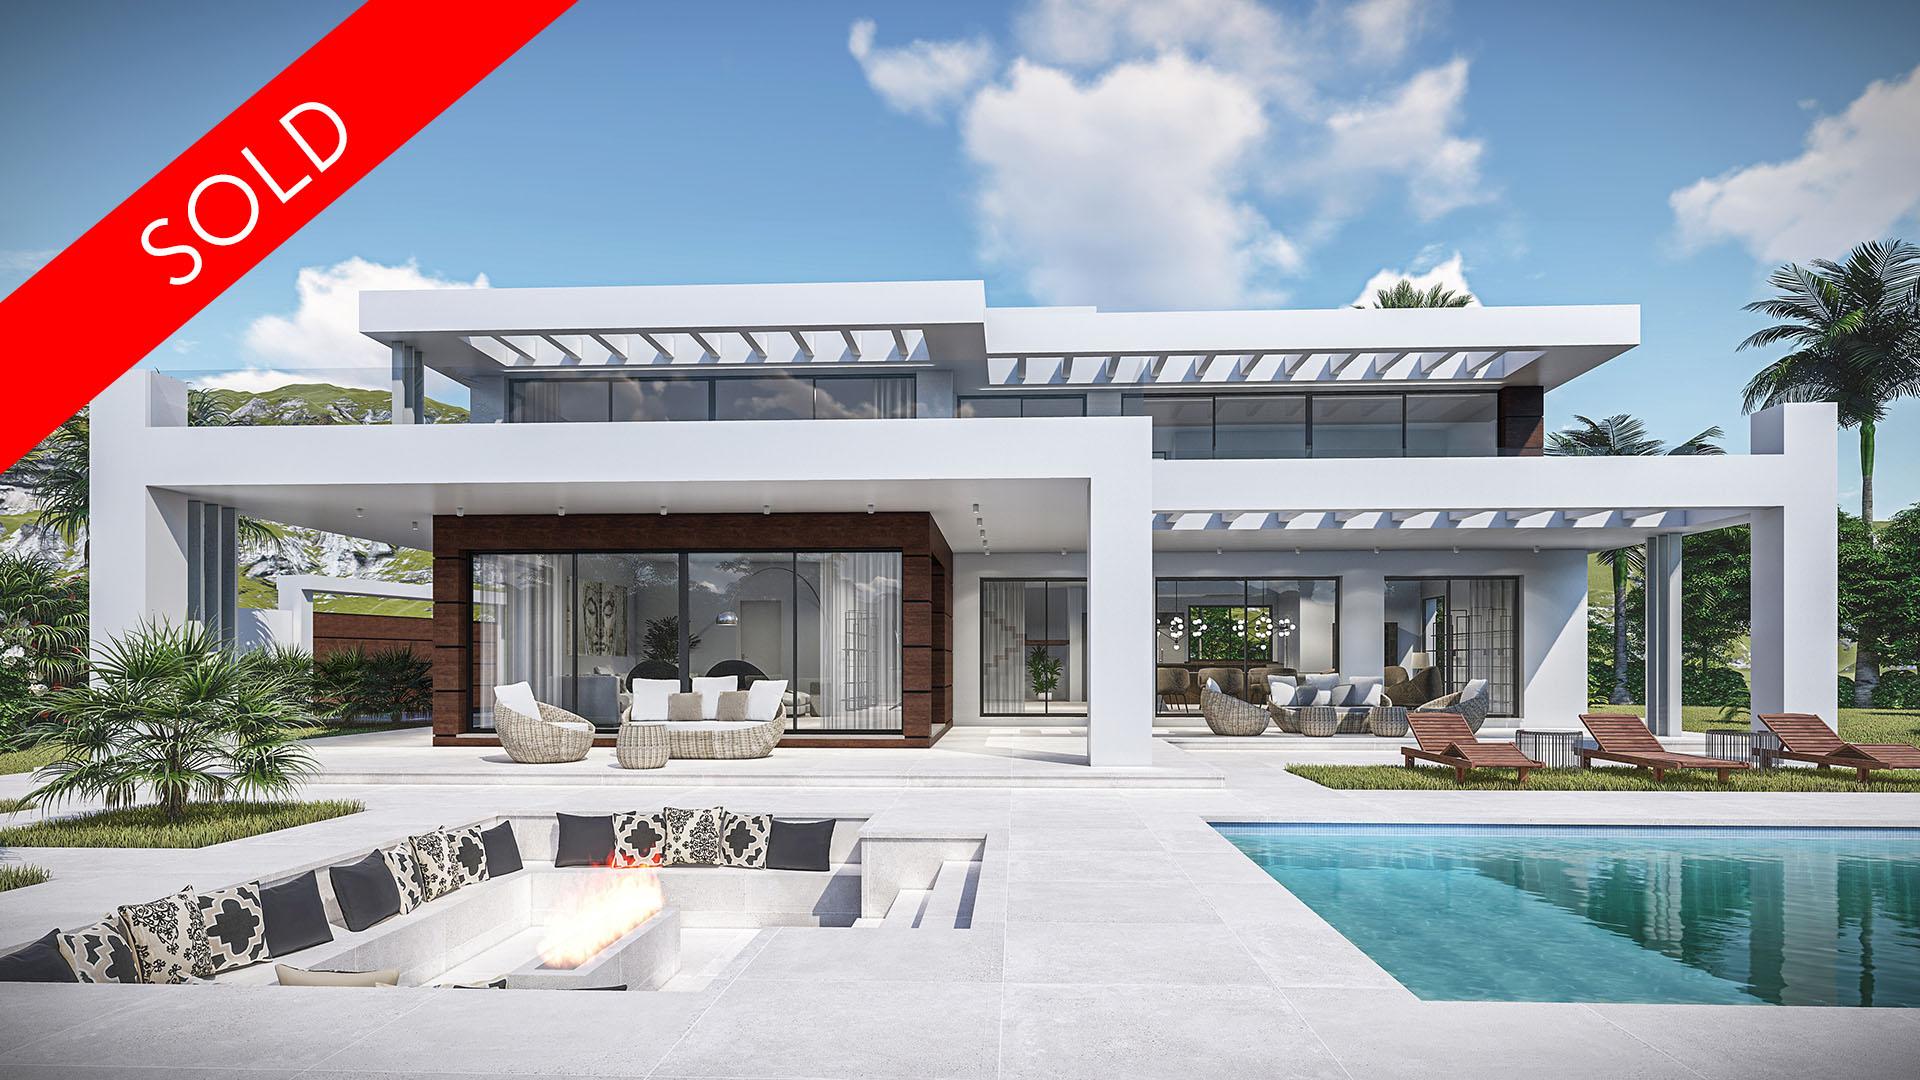 Midori: Attractive villa in Marbella – Las Chapas